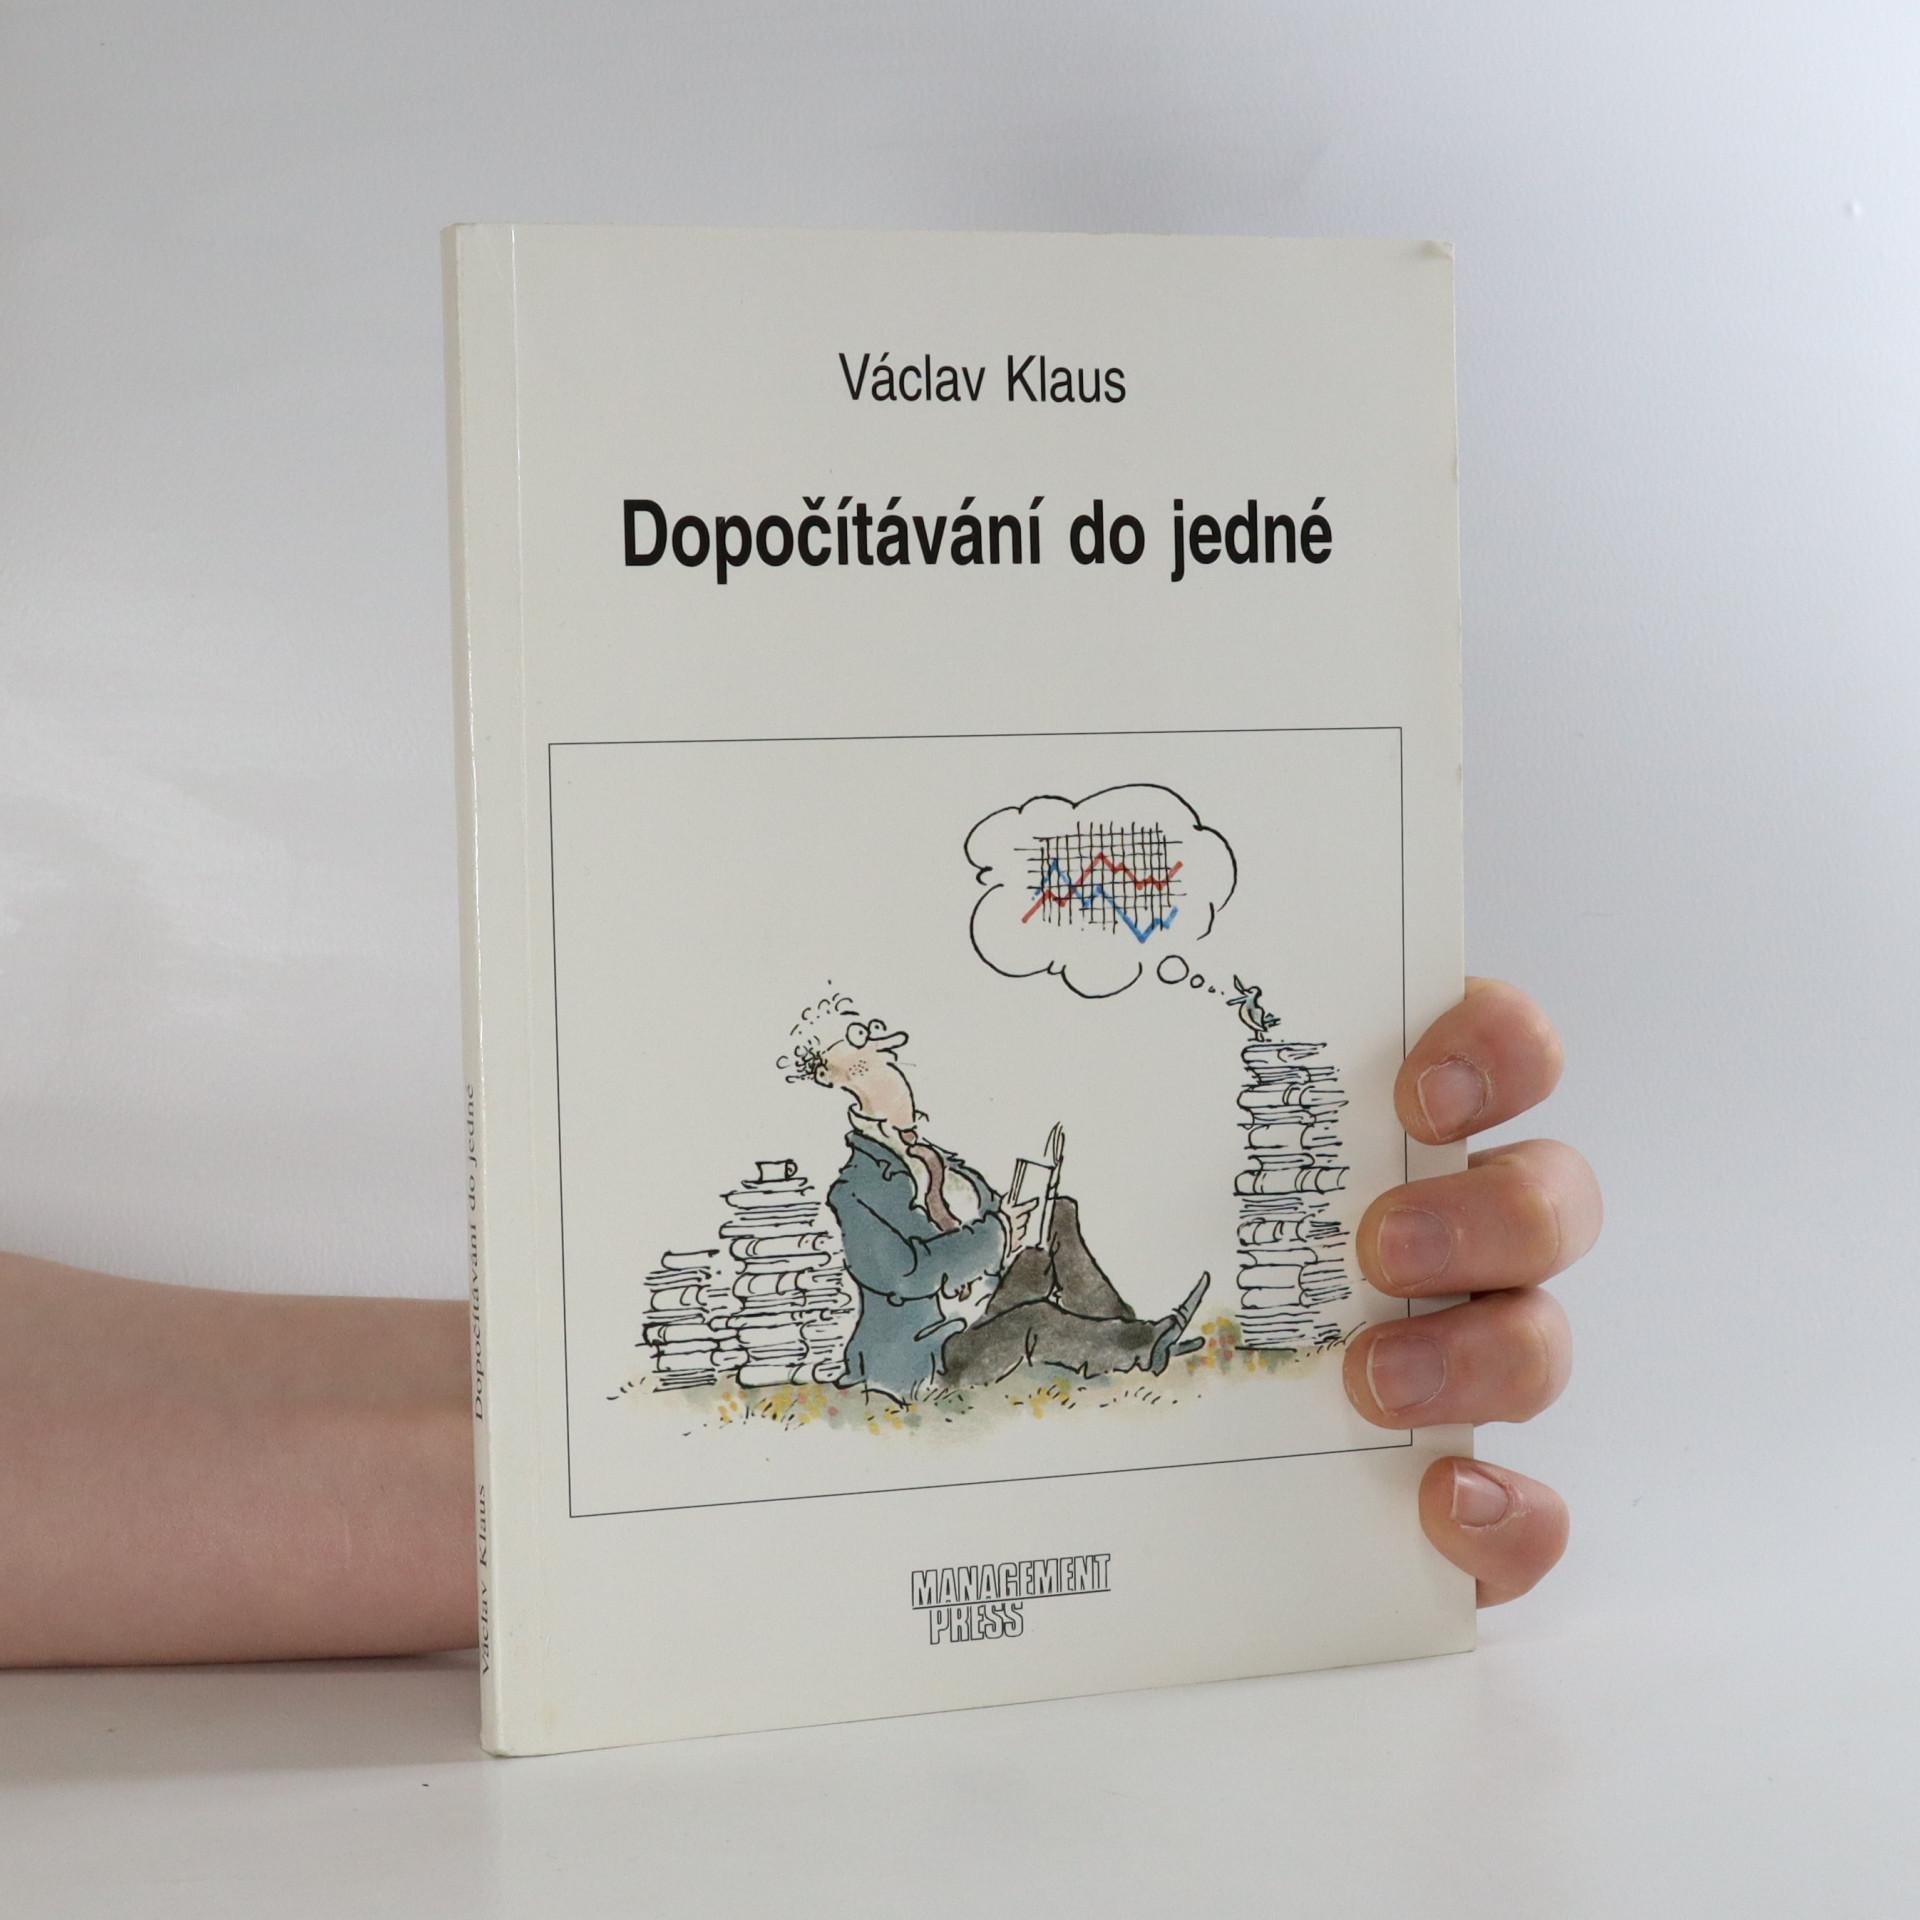 antikvární kniha Dopočítávání do jedné, 1995